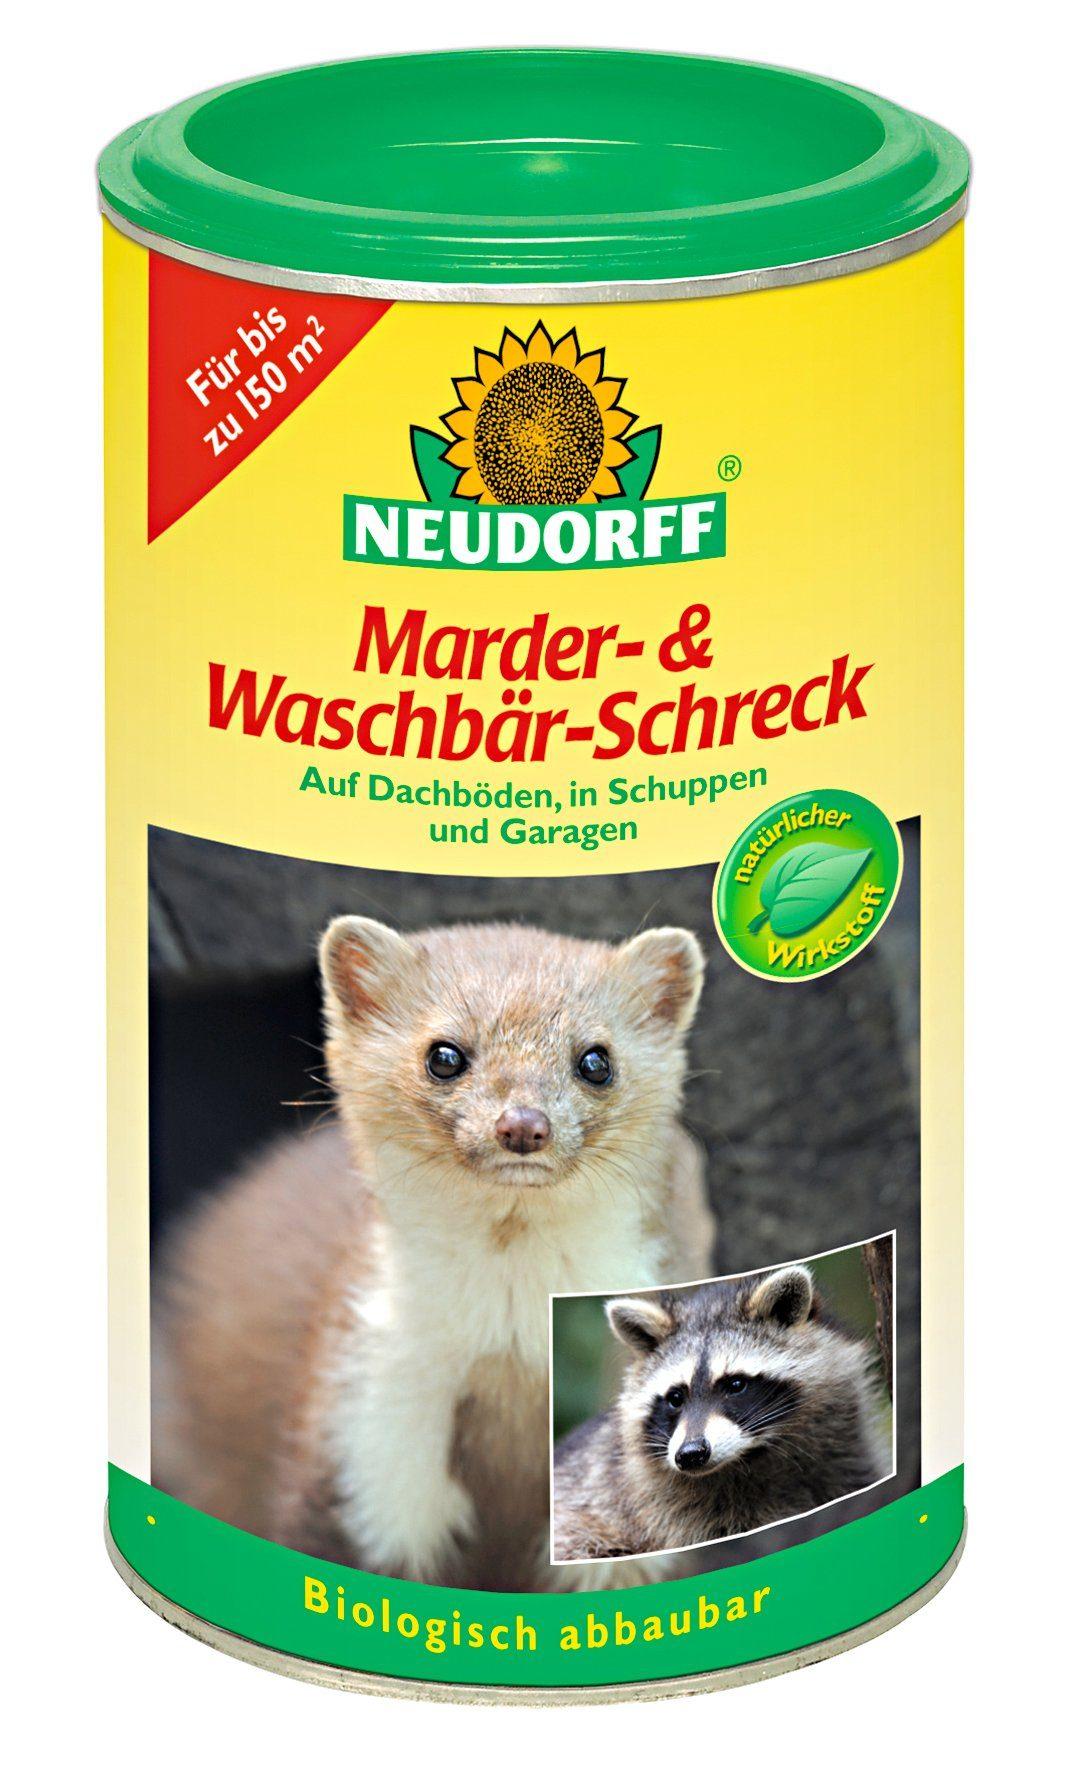 NEUDORFF Pflanzenschutz »Marder- & Waschbär-Schreck«, 300 g